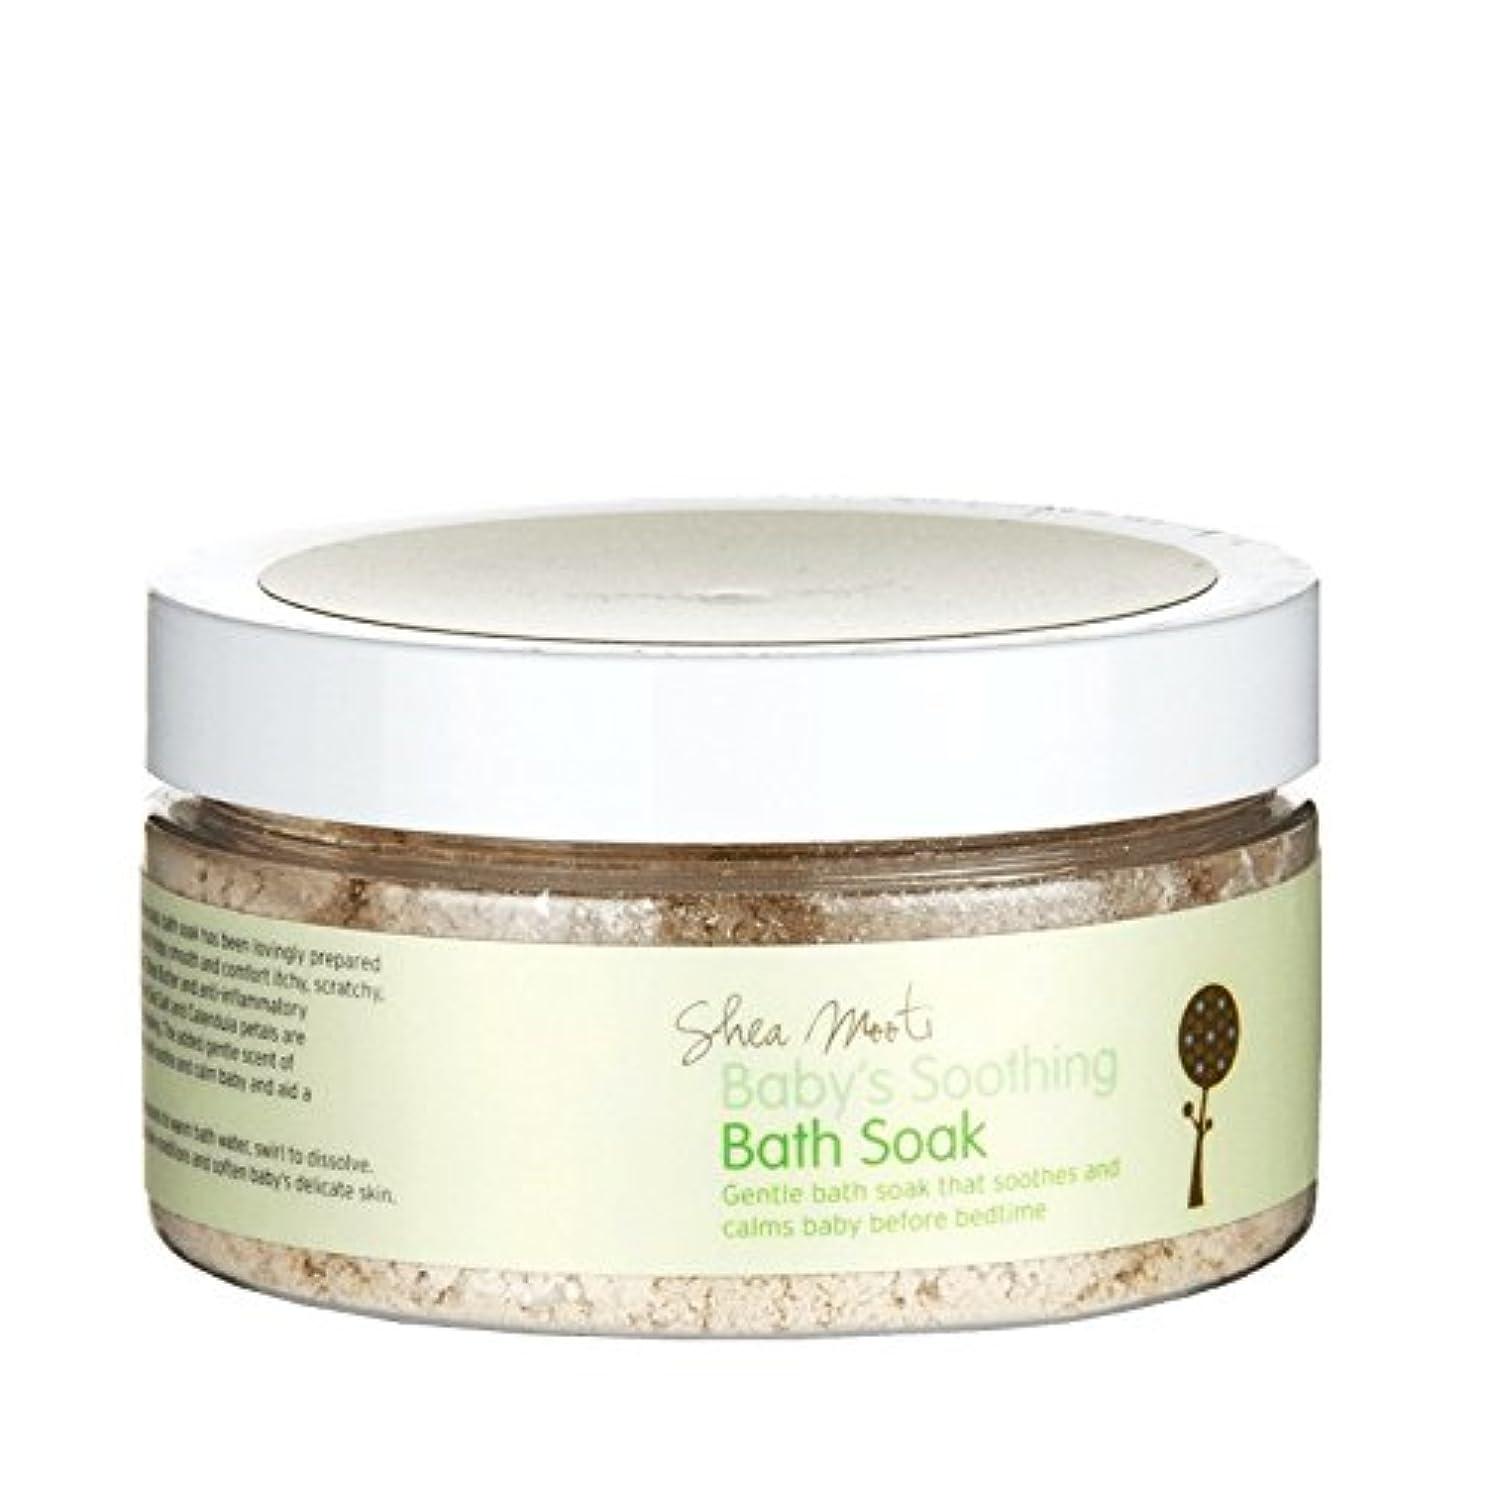 持っている分赤道Shea Mooti Baby's Soothing Bath Soak 130g (Pack of 2) - シアバターMooti赤ちゃんの癒しのお風呂は、130グラムを浸し (x2) [並行輸入品]